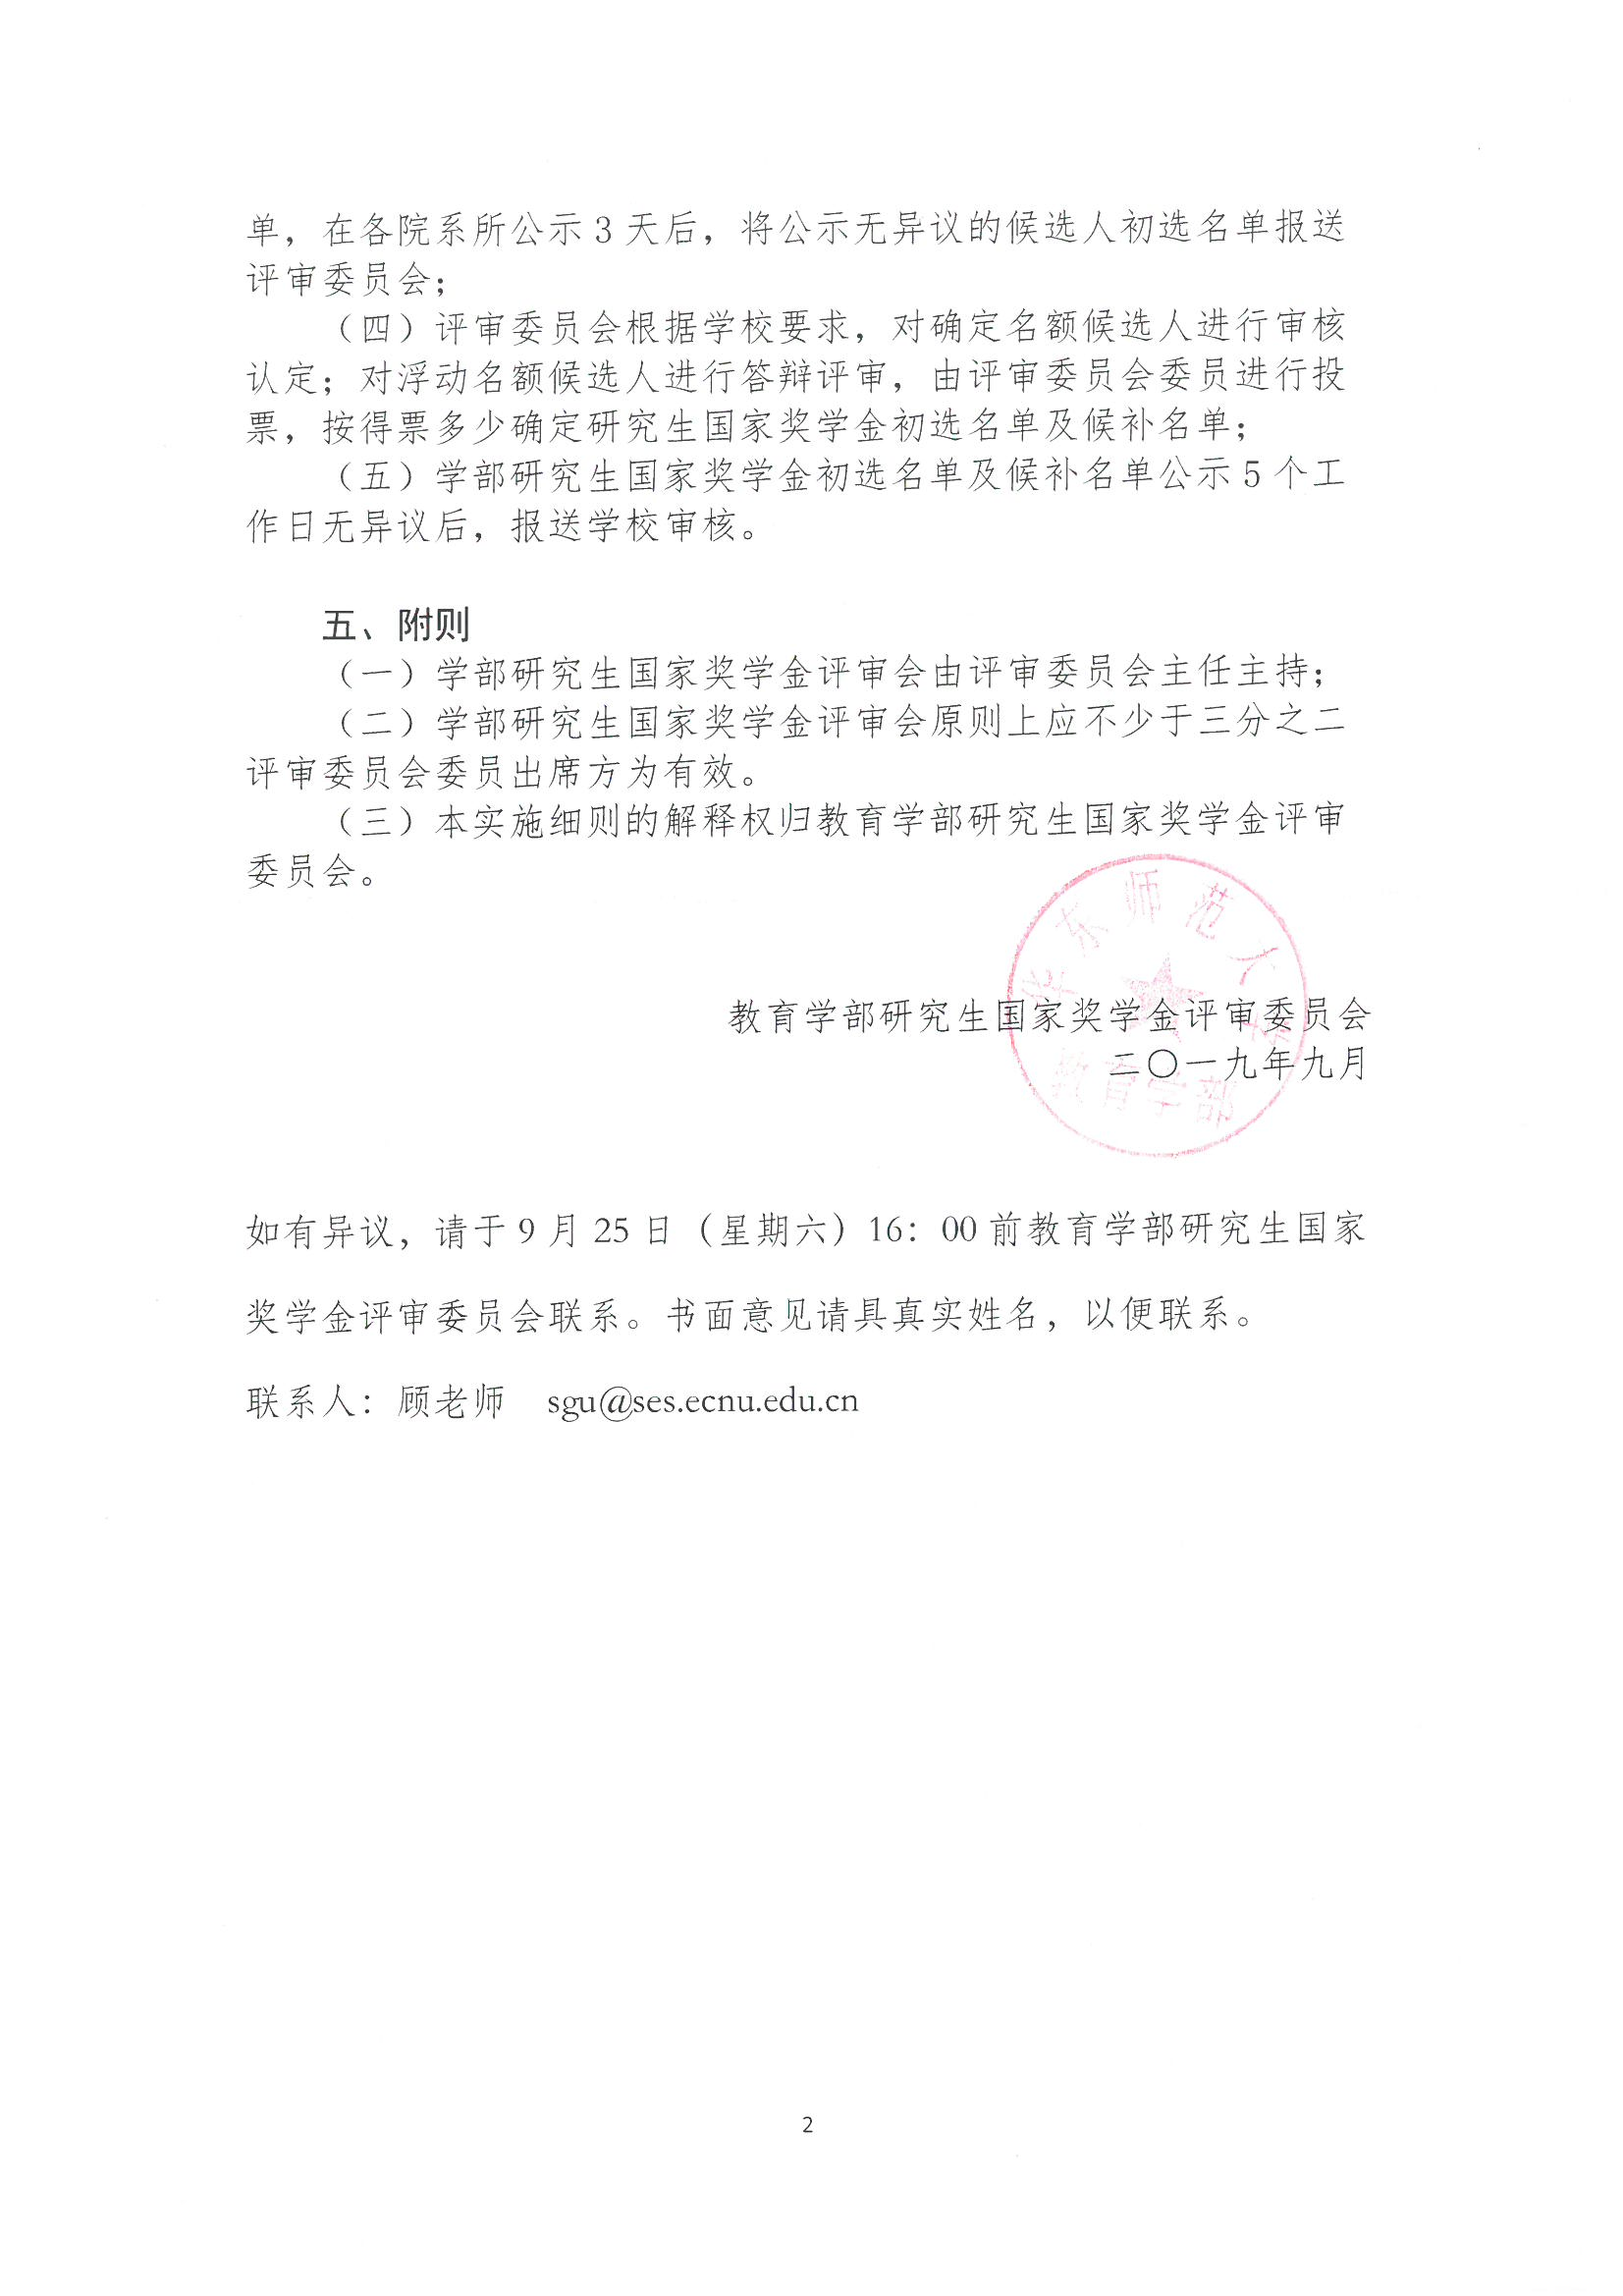 华东师范大学教育学部研究生国家奖学金评审实施细则